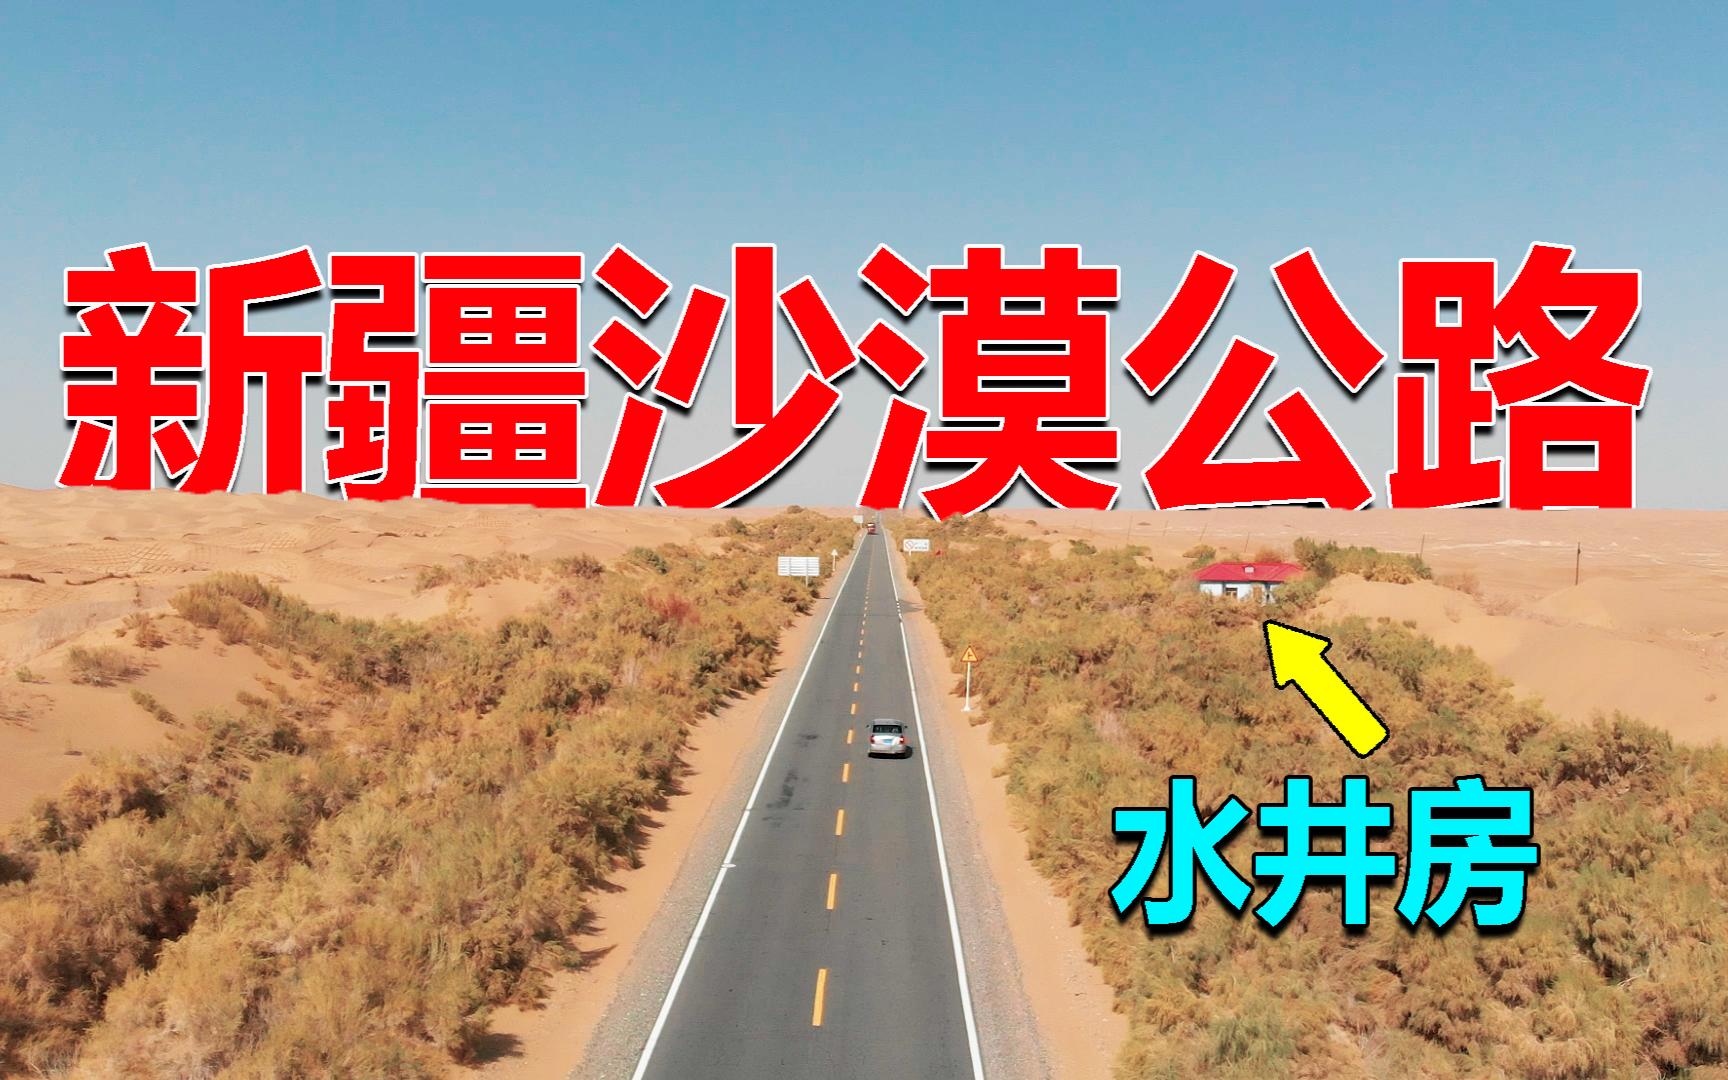 新疆沙漠公路,为不被掩埋108个水井房每天浇水,每年花费上千万